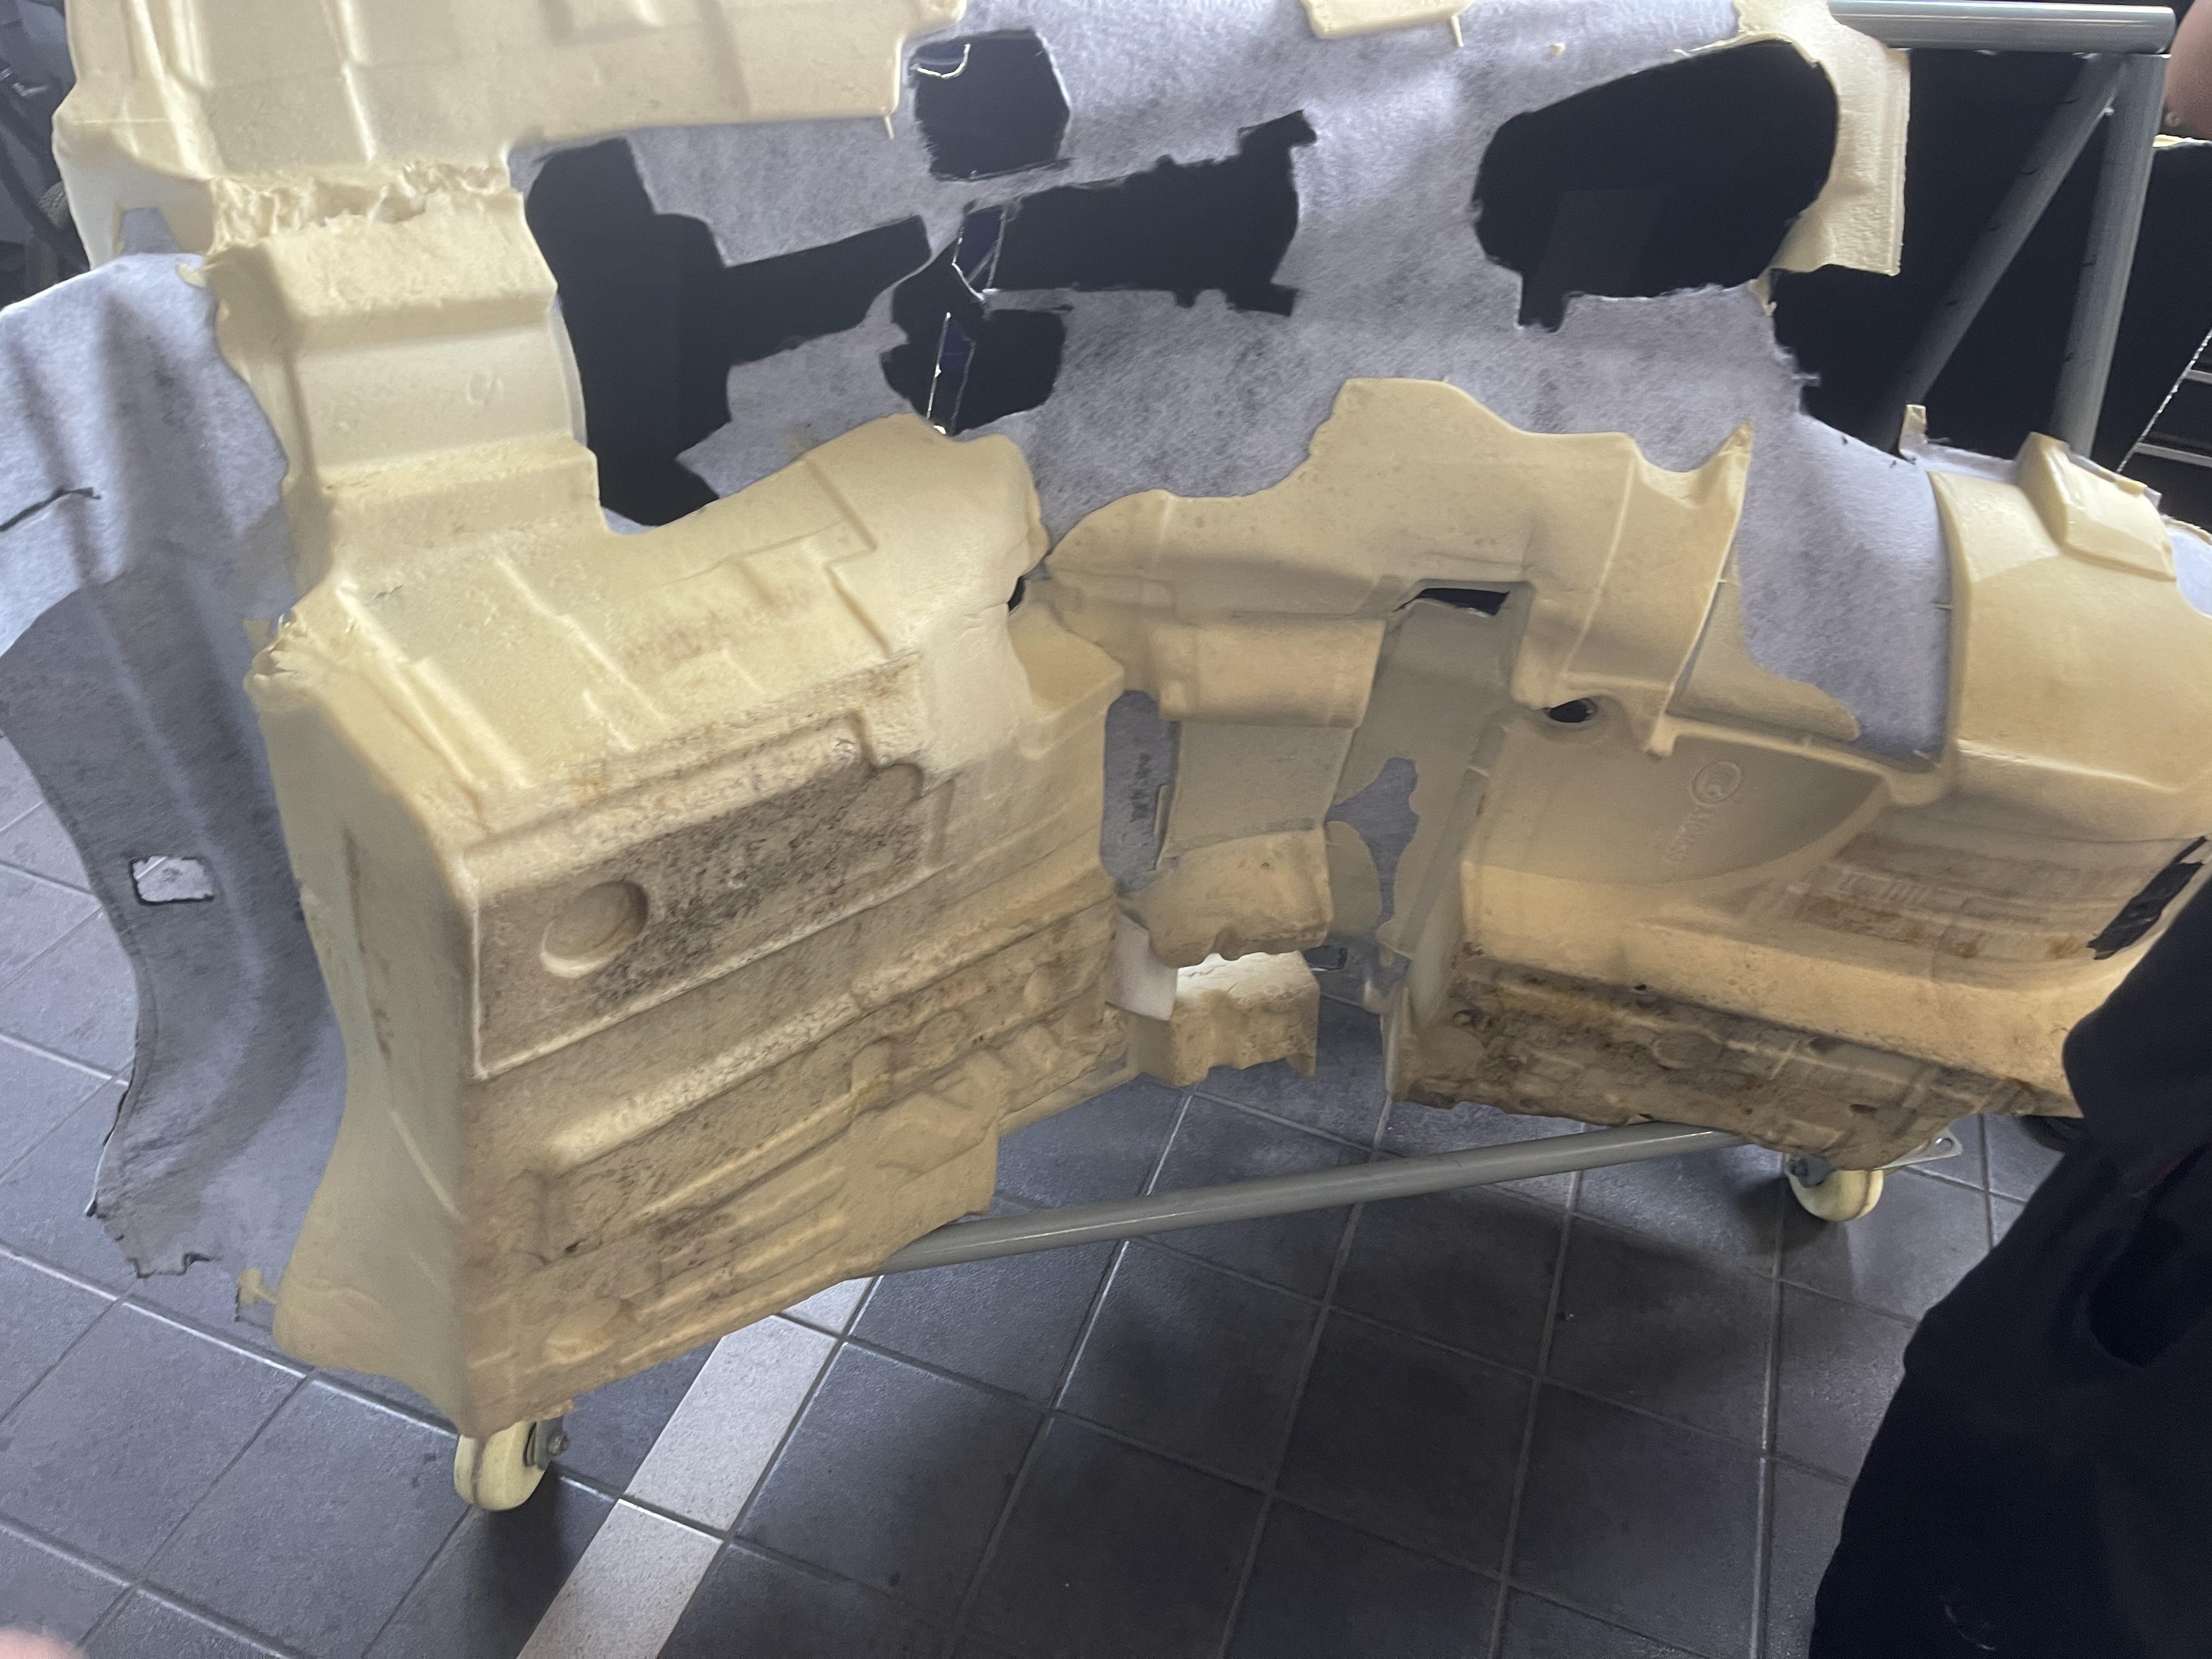 奥迪-A4L,排水管质量问题导致车内地毯泡水